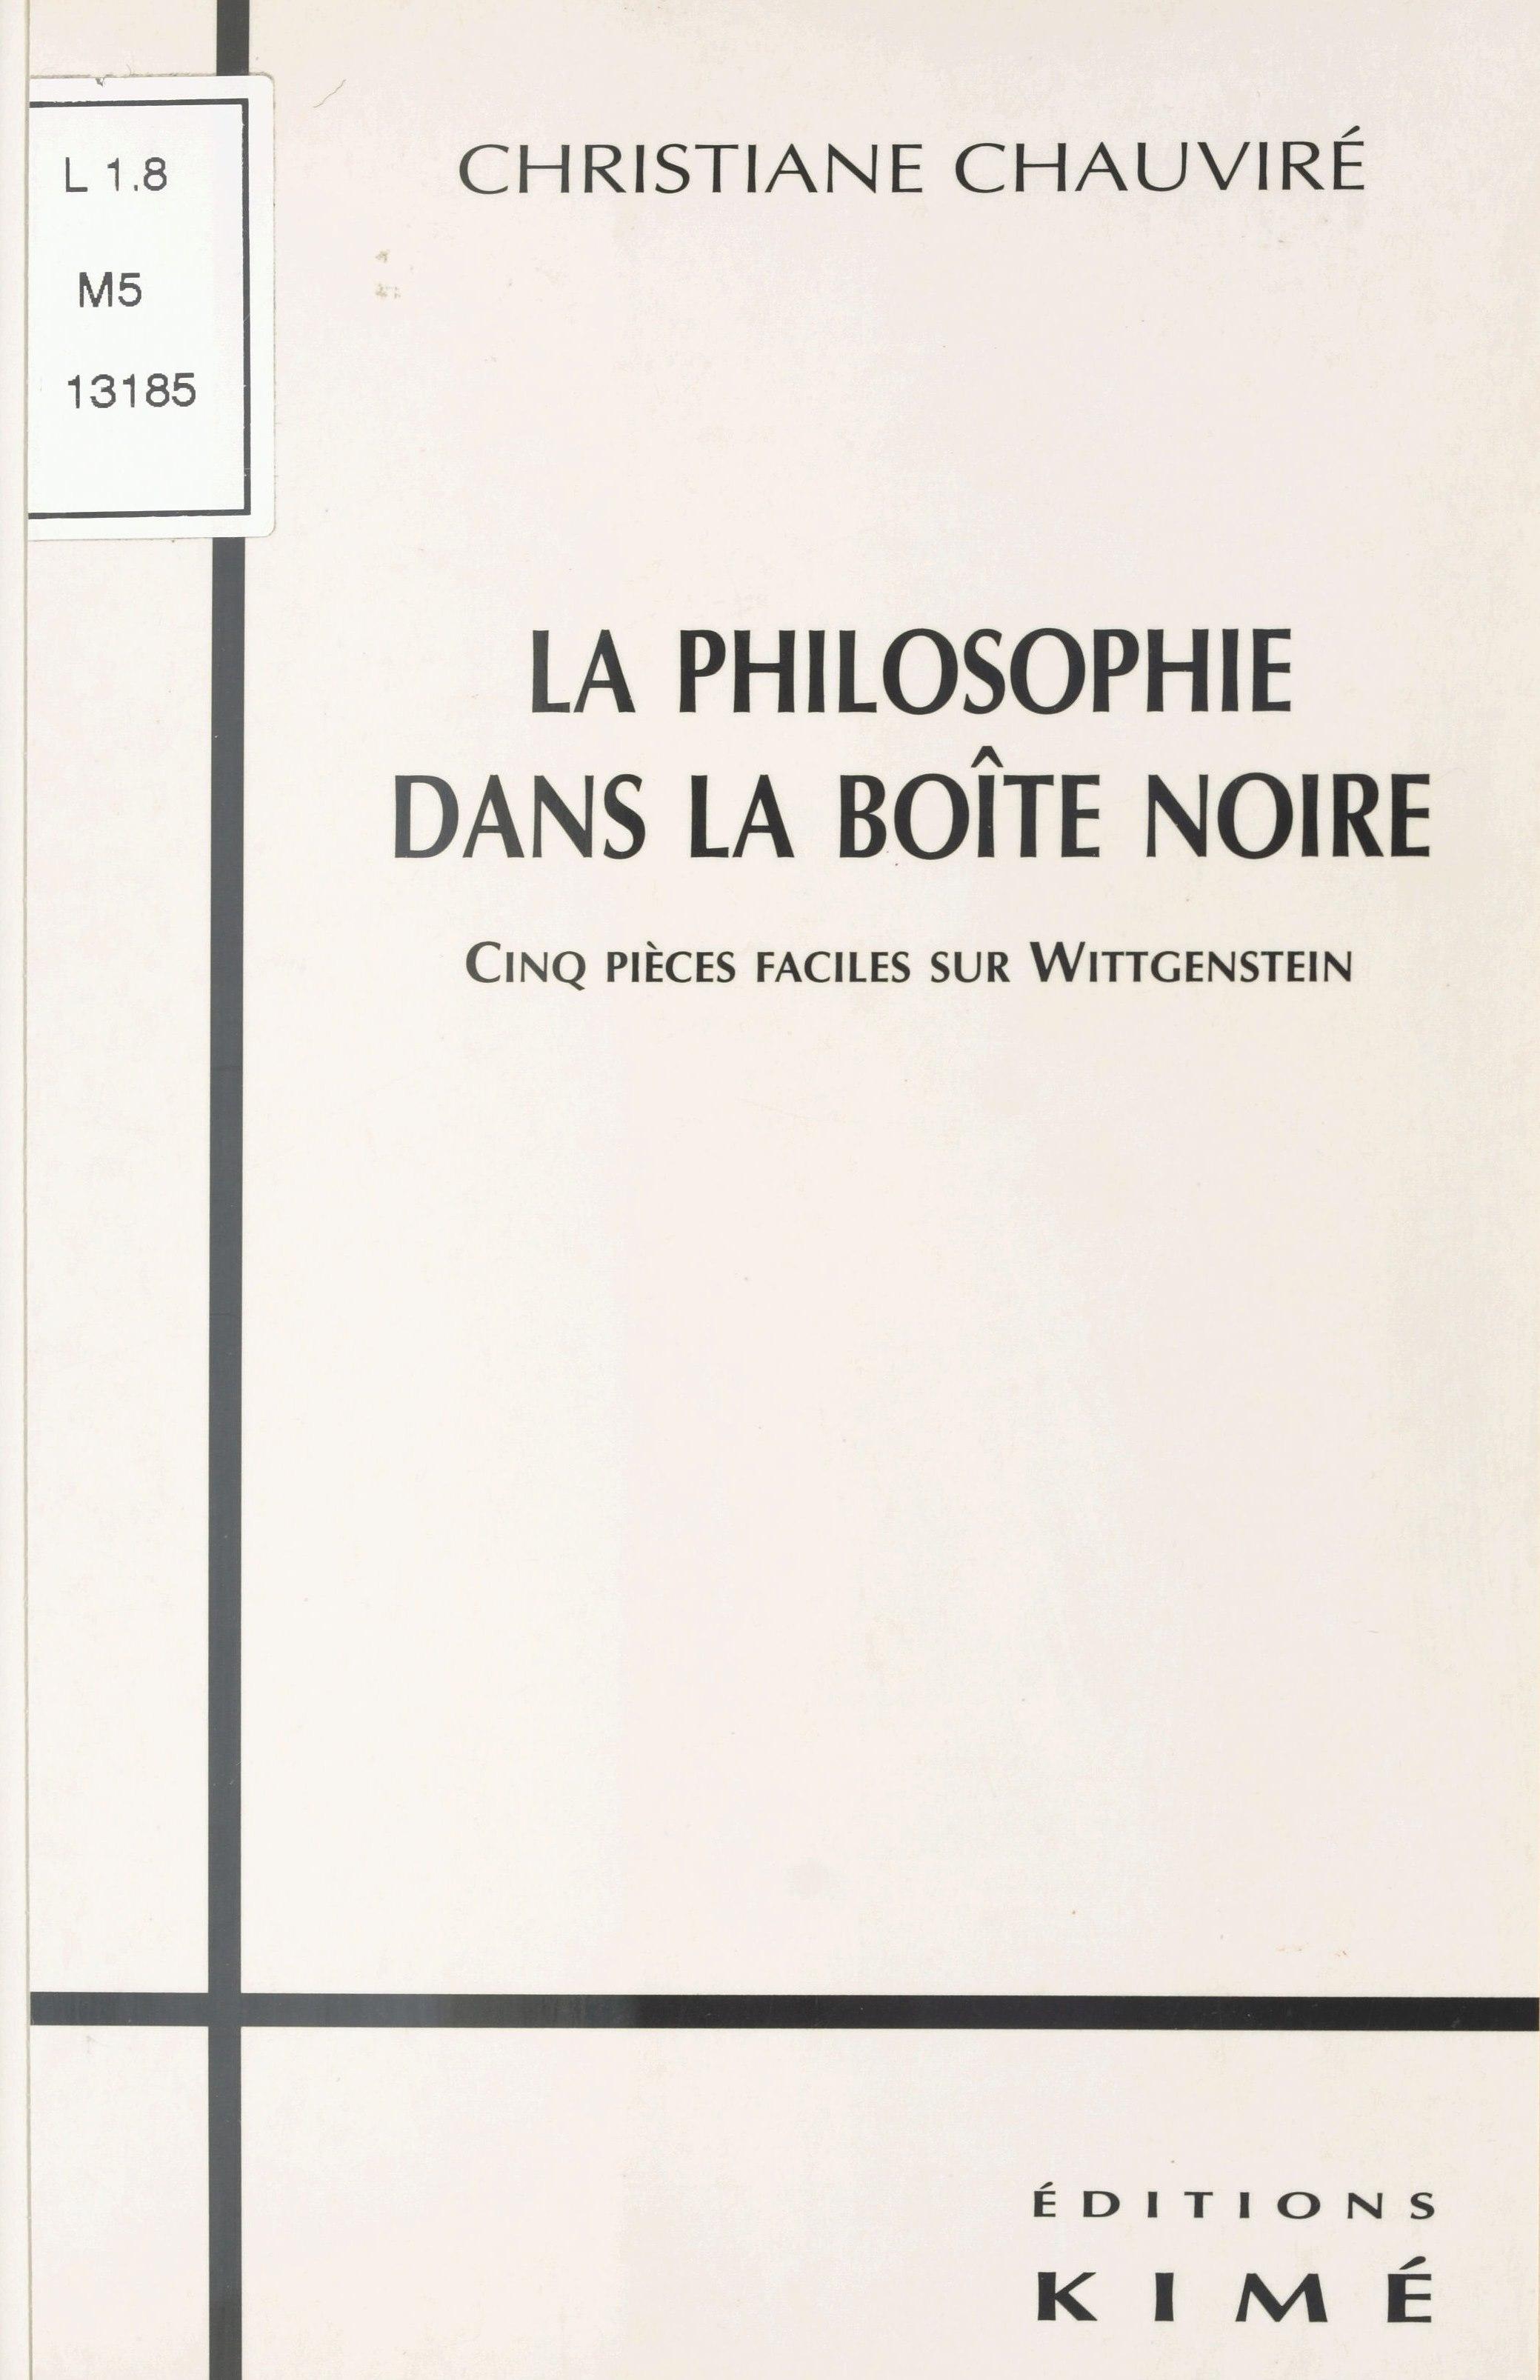 La Philosophie dans la boîte noire : Cinq pièces faciles sur Wittgenstein